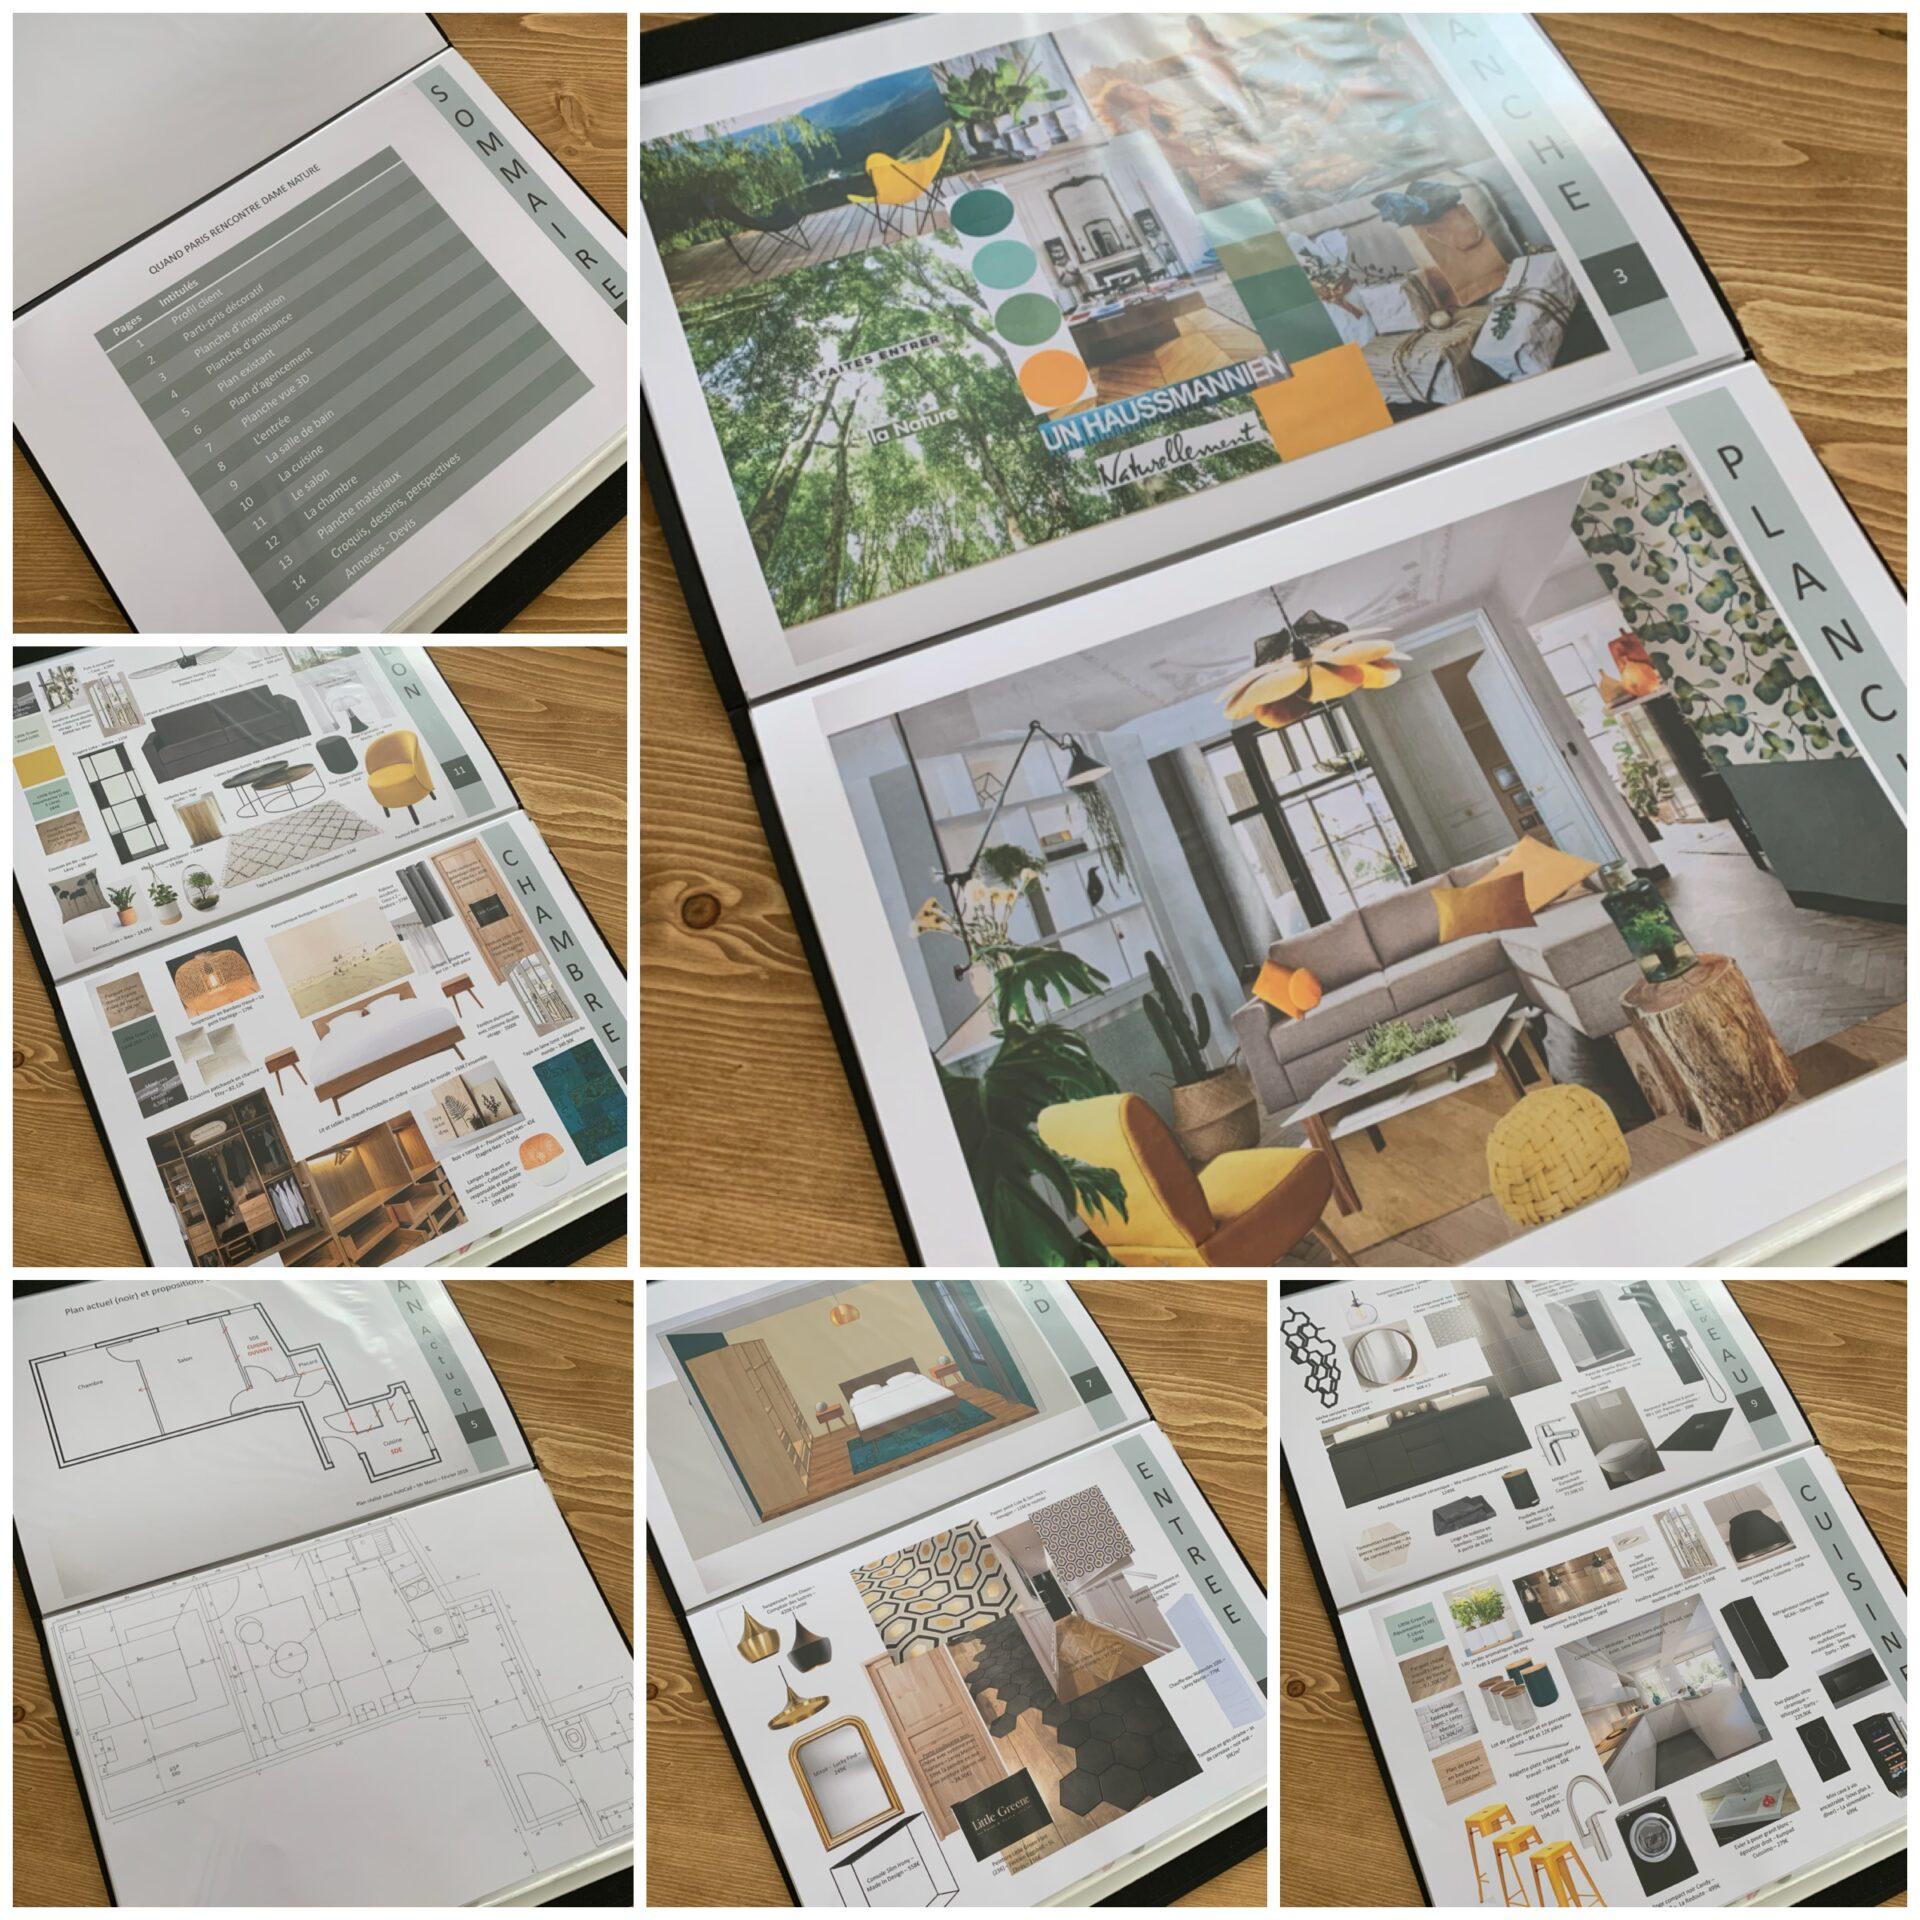 Book Architecte D Intérieur archives des décoration d'intérieur - bulles & cocon